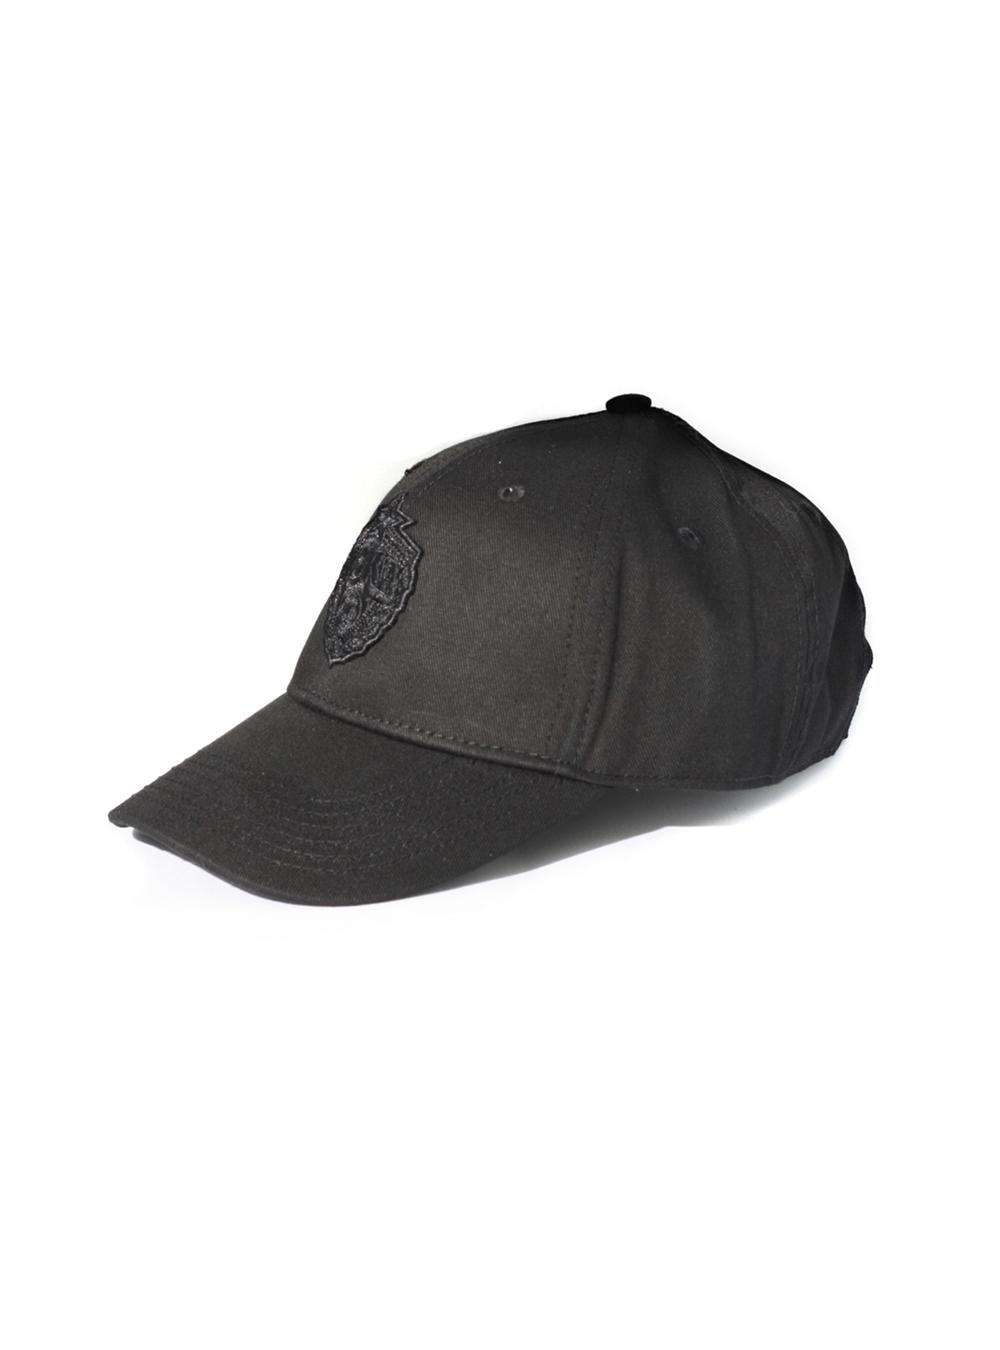 Бейсболка детская Blank Plain X PFC CSKAс эмблемой, цвет черный ПФК ЦСКА